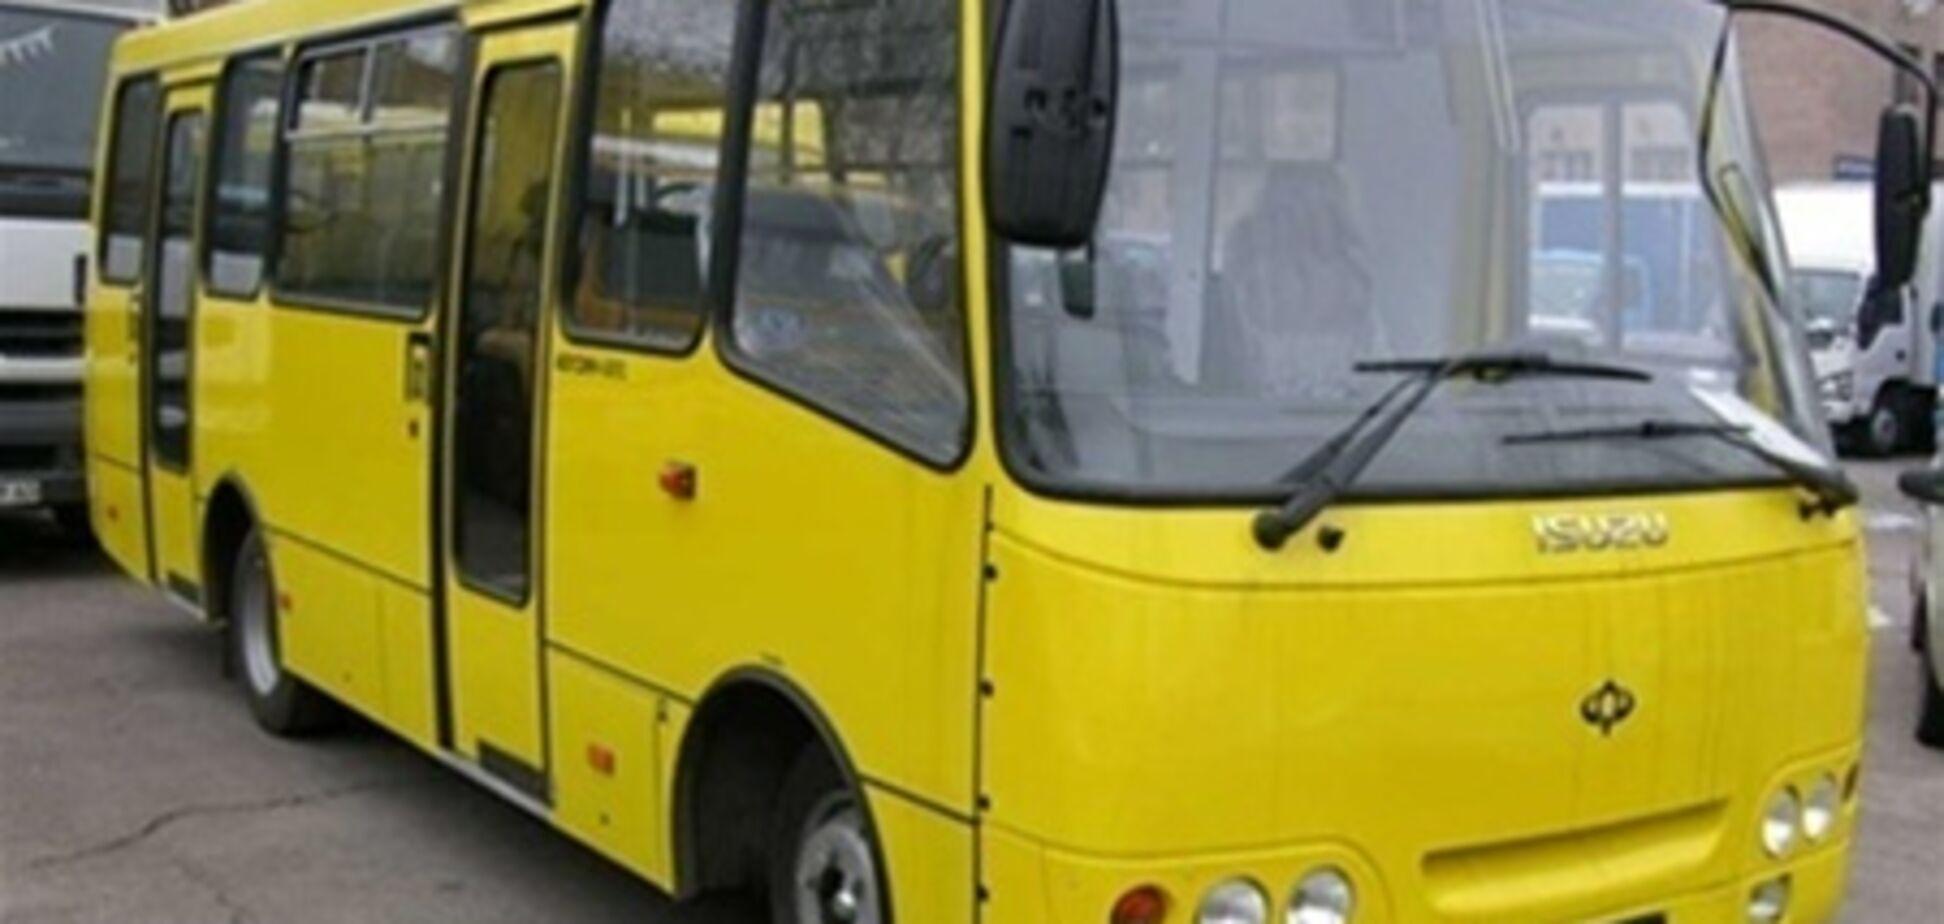 Эпилептика из маршрутки не выбрасывали - милиция Киева